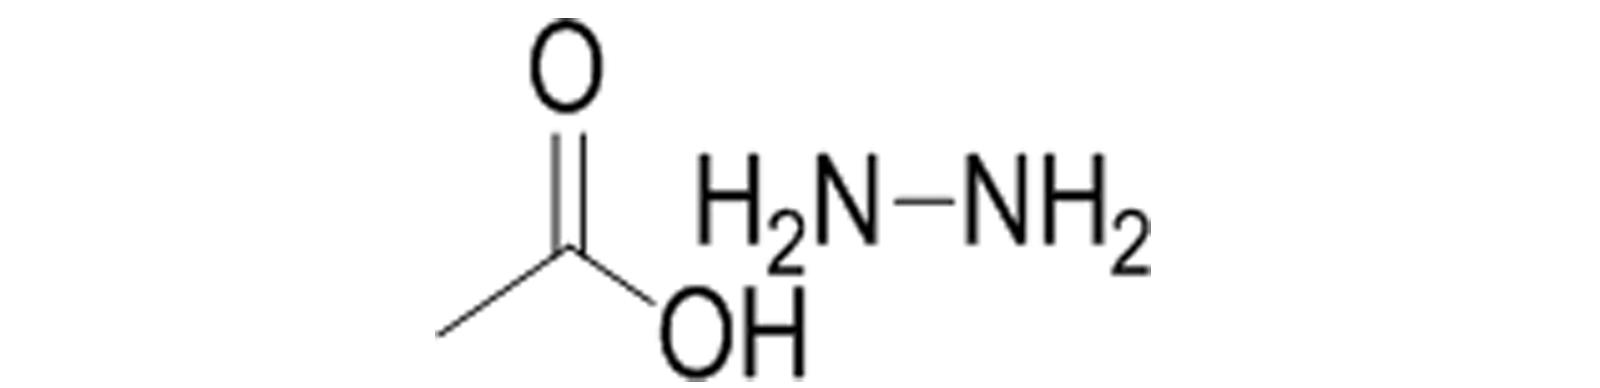 温州醋酸肼厂家「苏州市贝克生物科技供应」